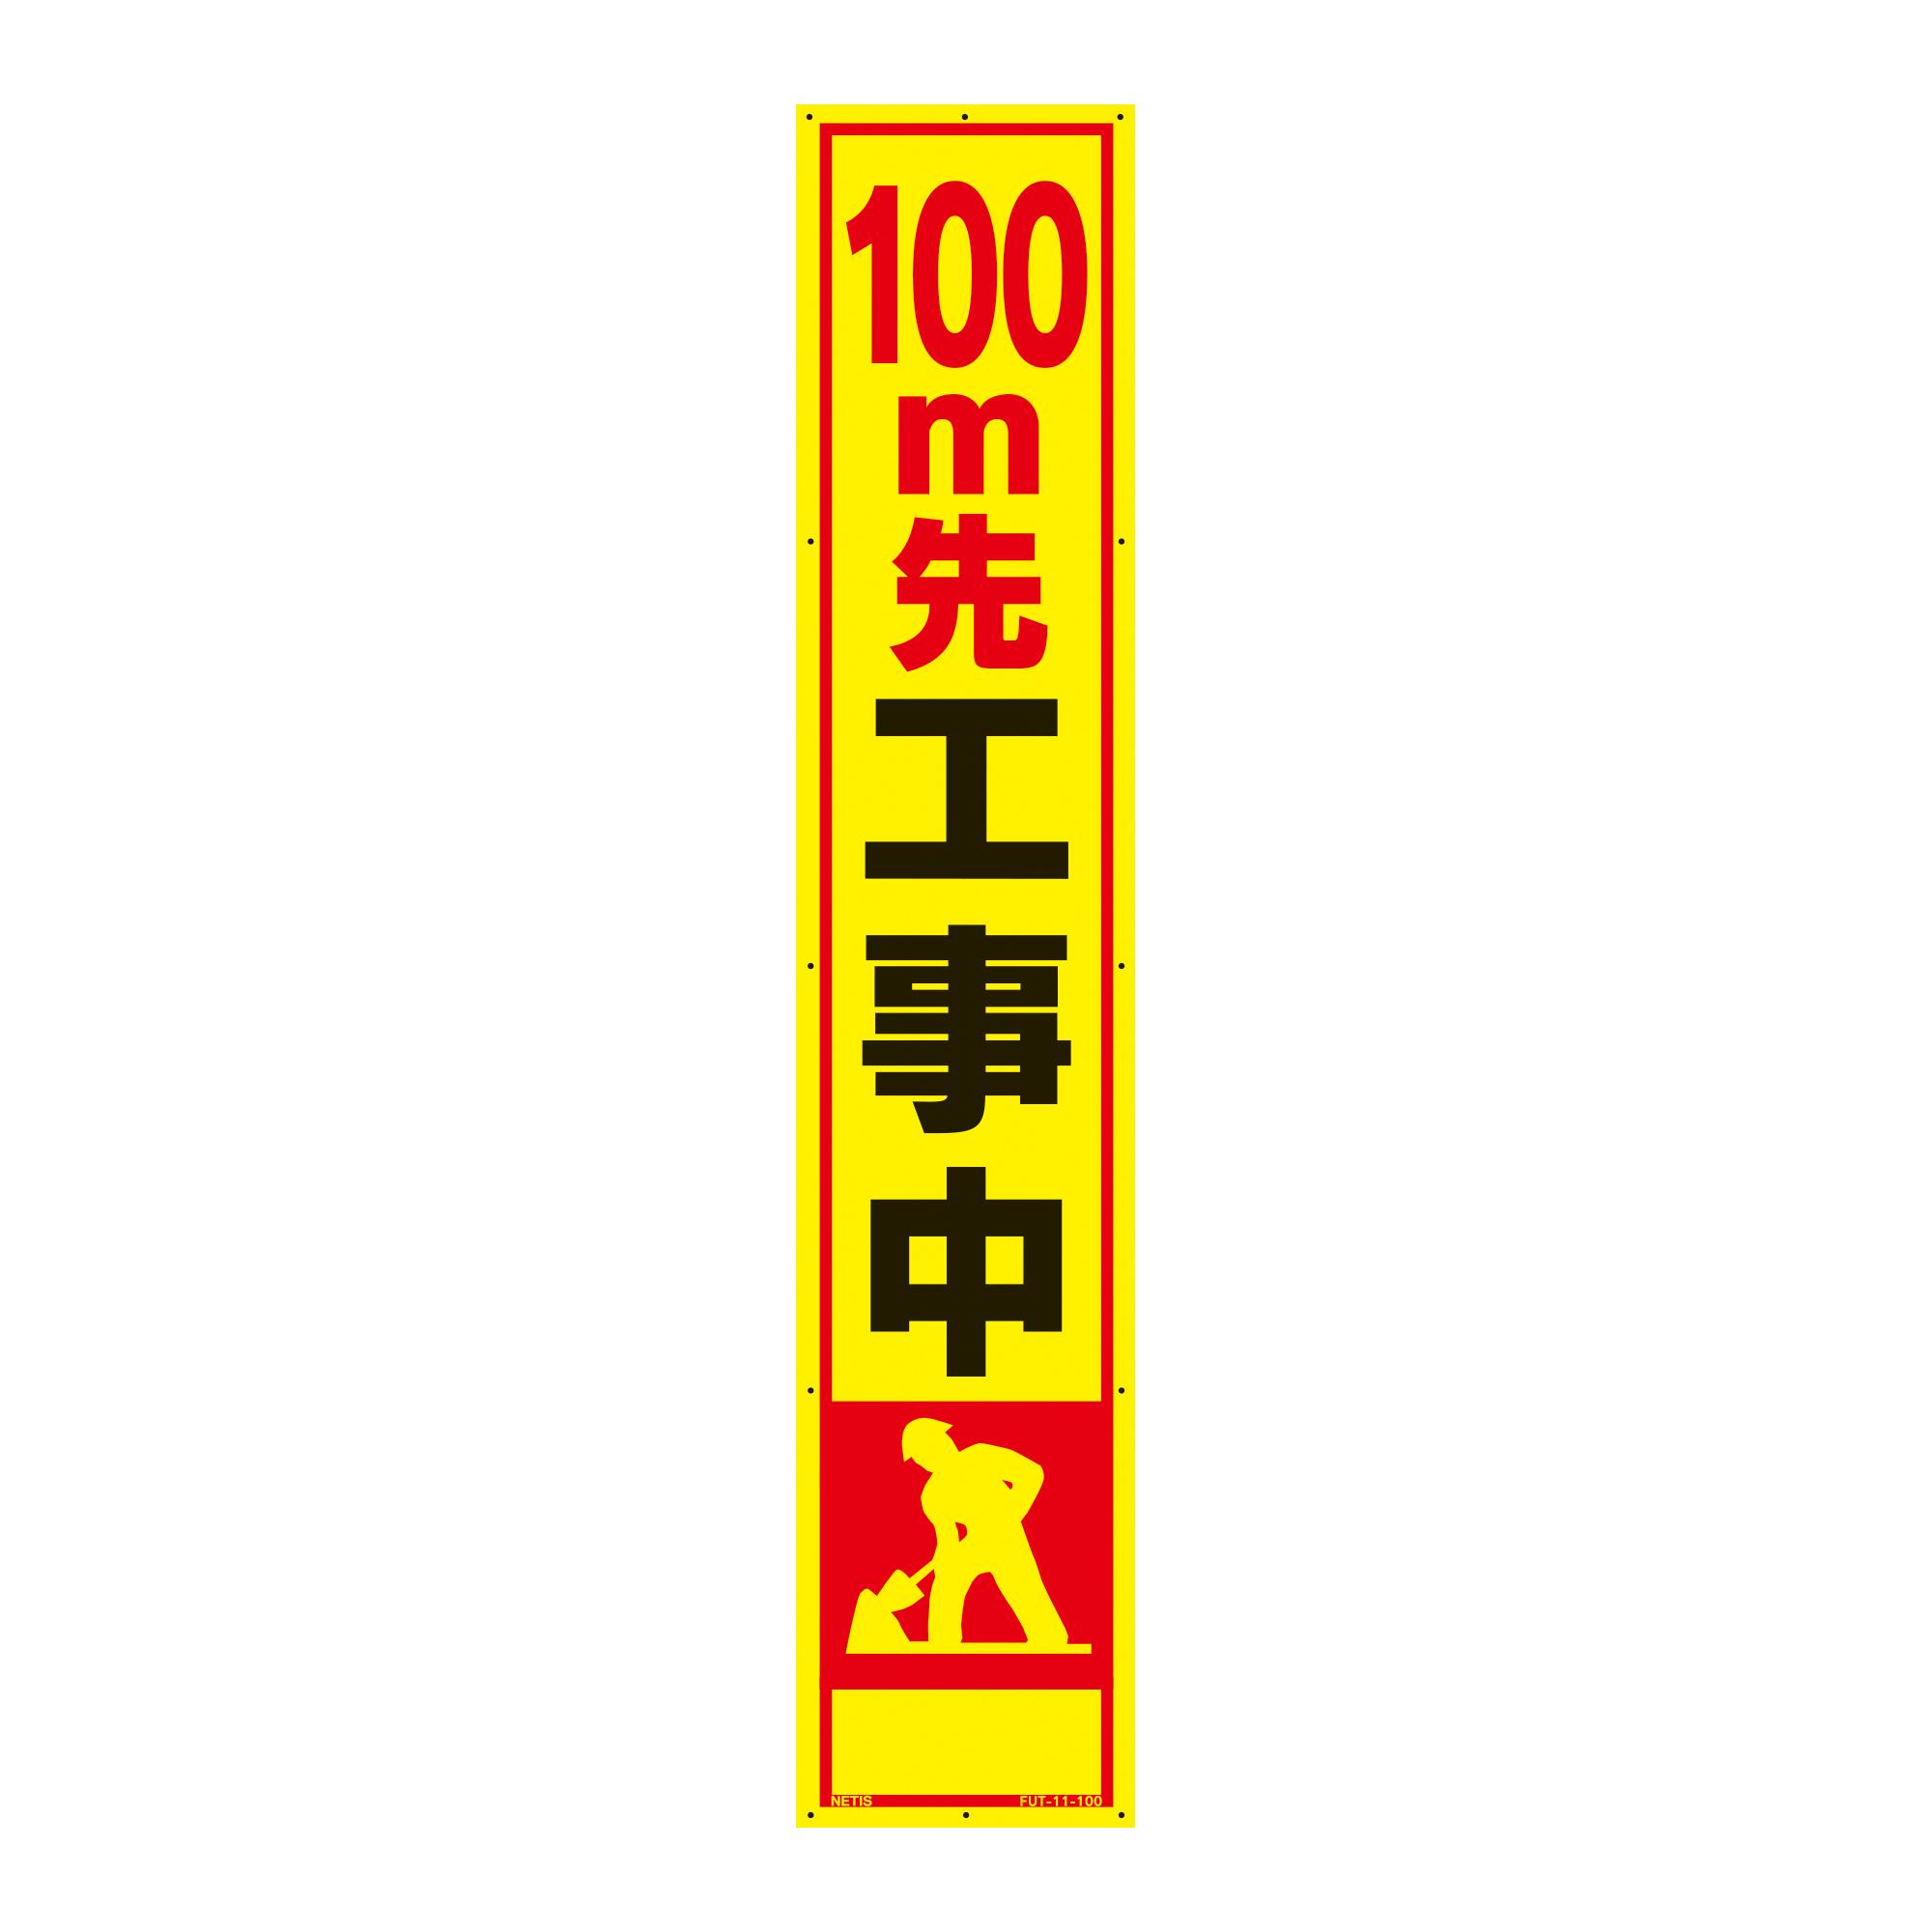 風太郎FUT-11-100 100m先工事板275×1400